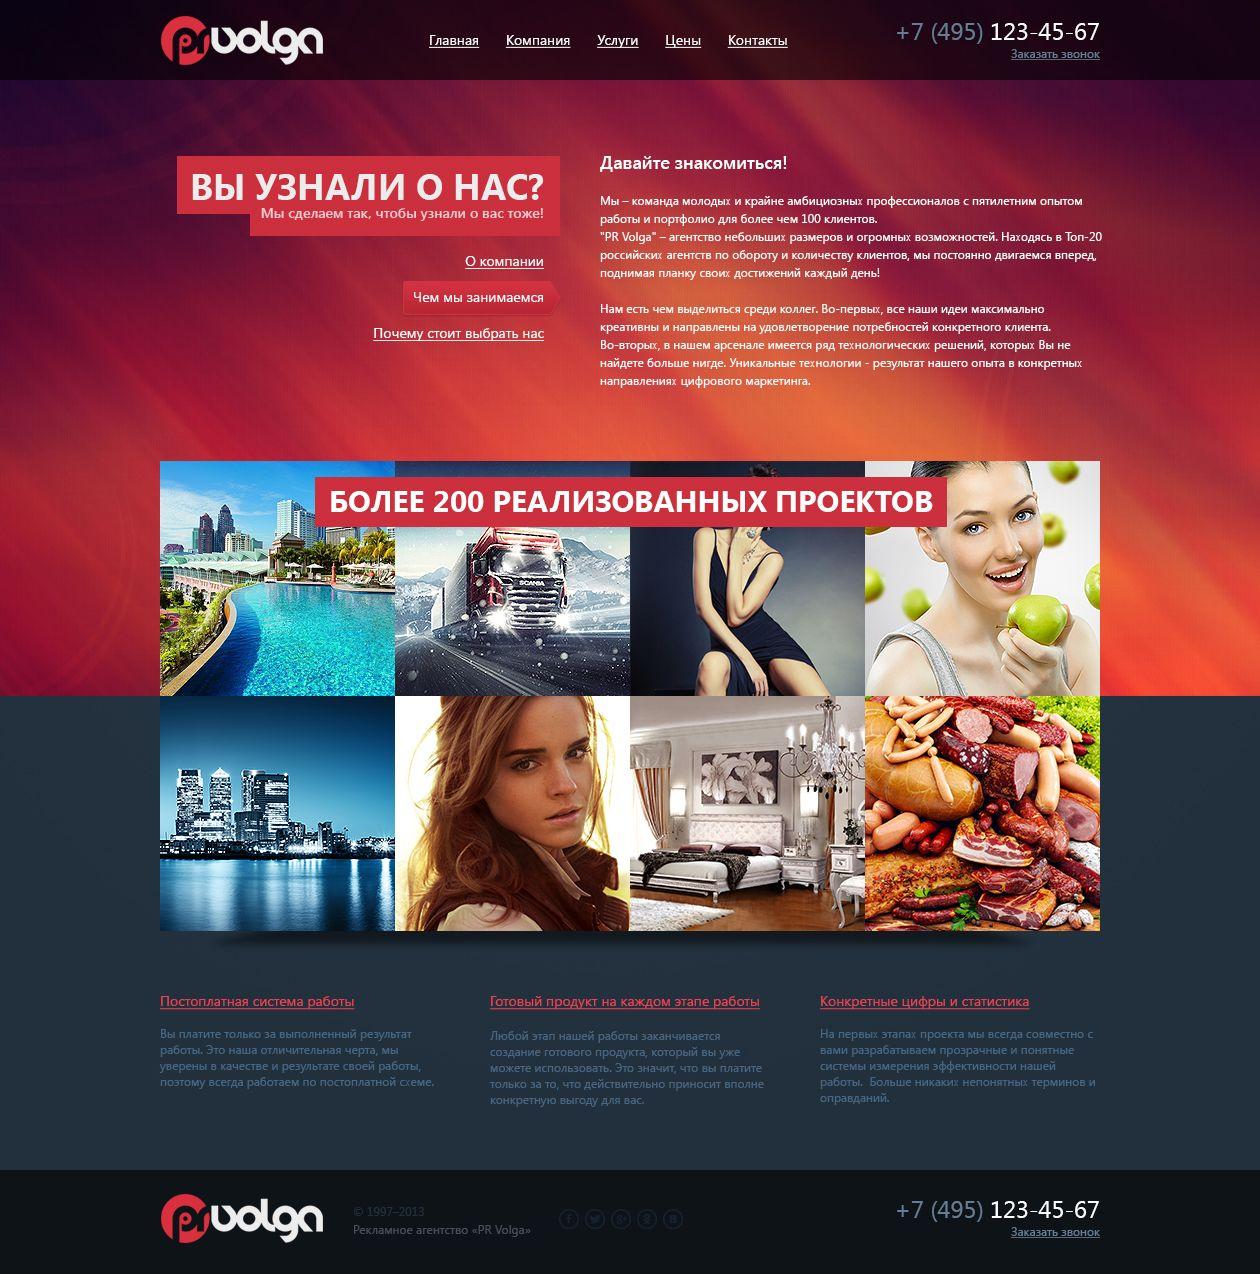 Дизайн сайта рекламного агентства - дизайнер winstonby